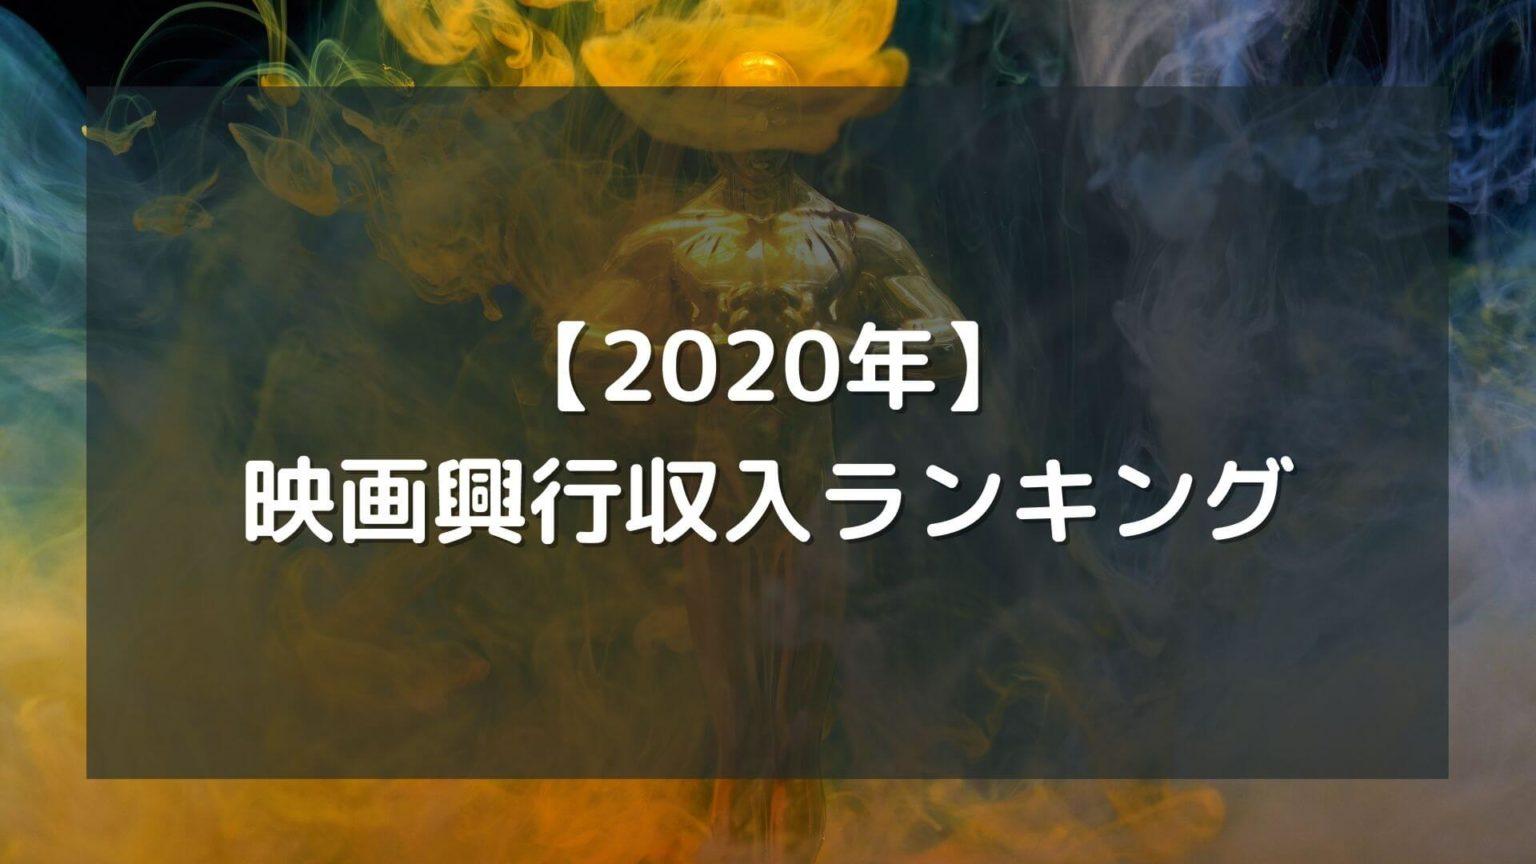 2020年映画興行収入ランキングベスト10